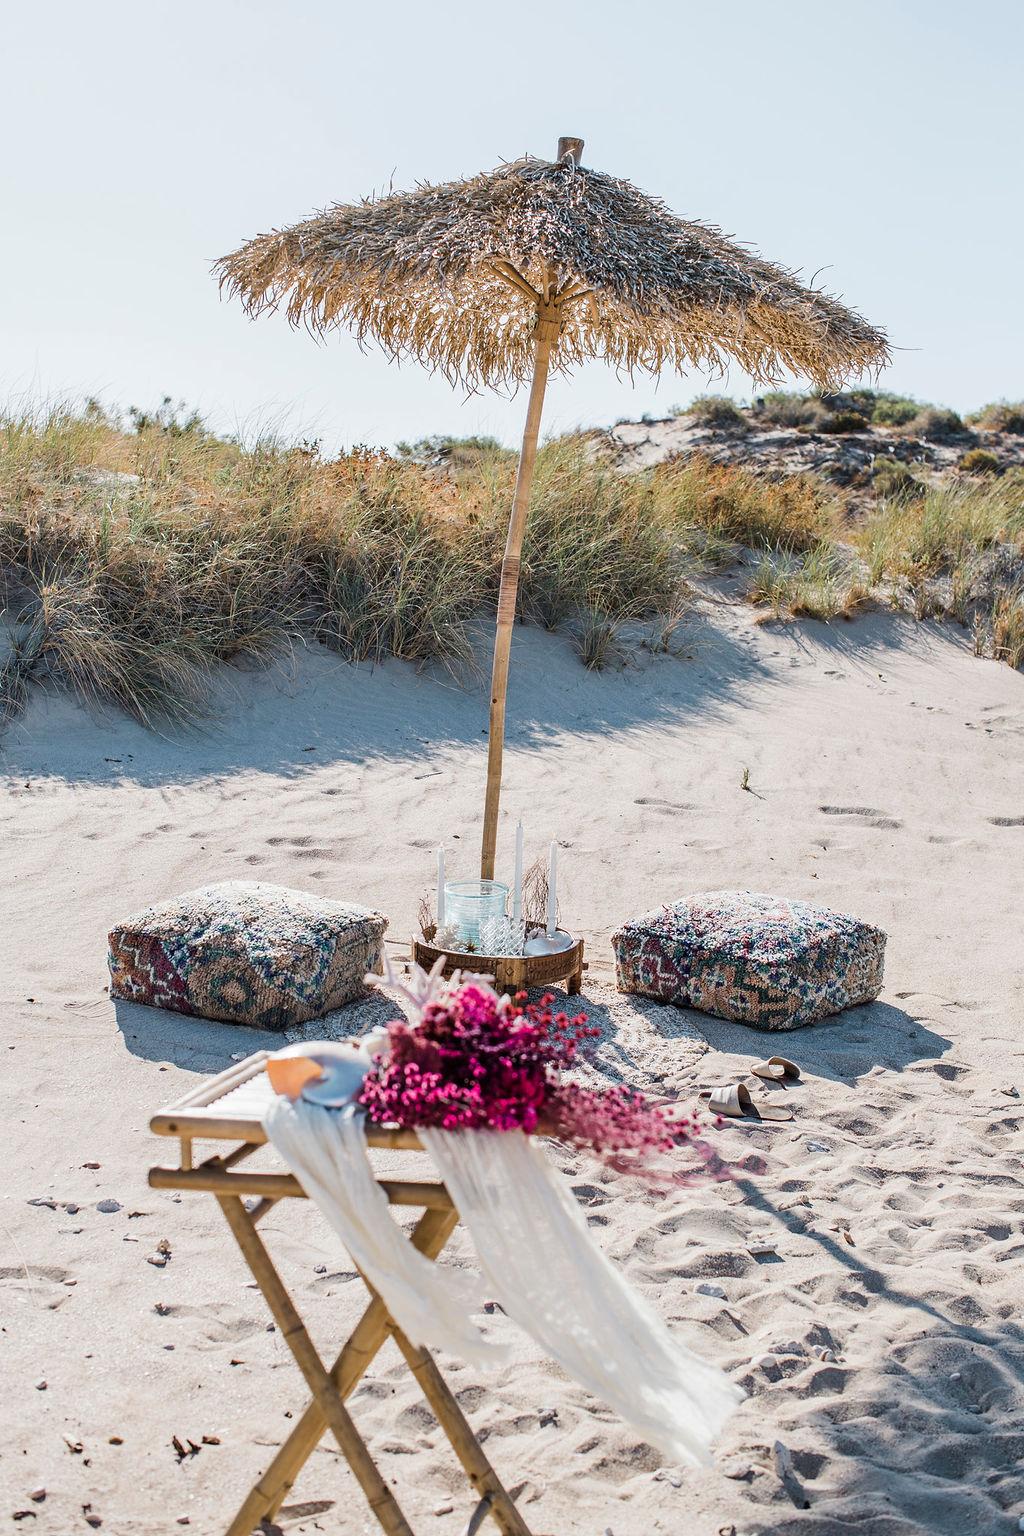 saltandsandeventhire-wedding-stylist-ningaloo-exmouth-waJ&P-Elope-to-ningaloo-exmouth-weddings-5.jpg